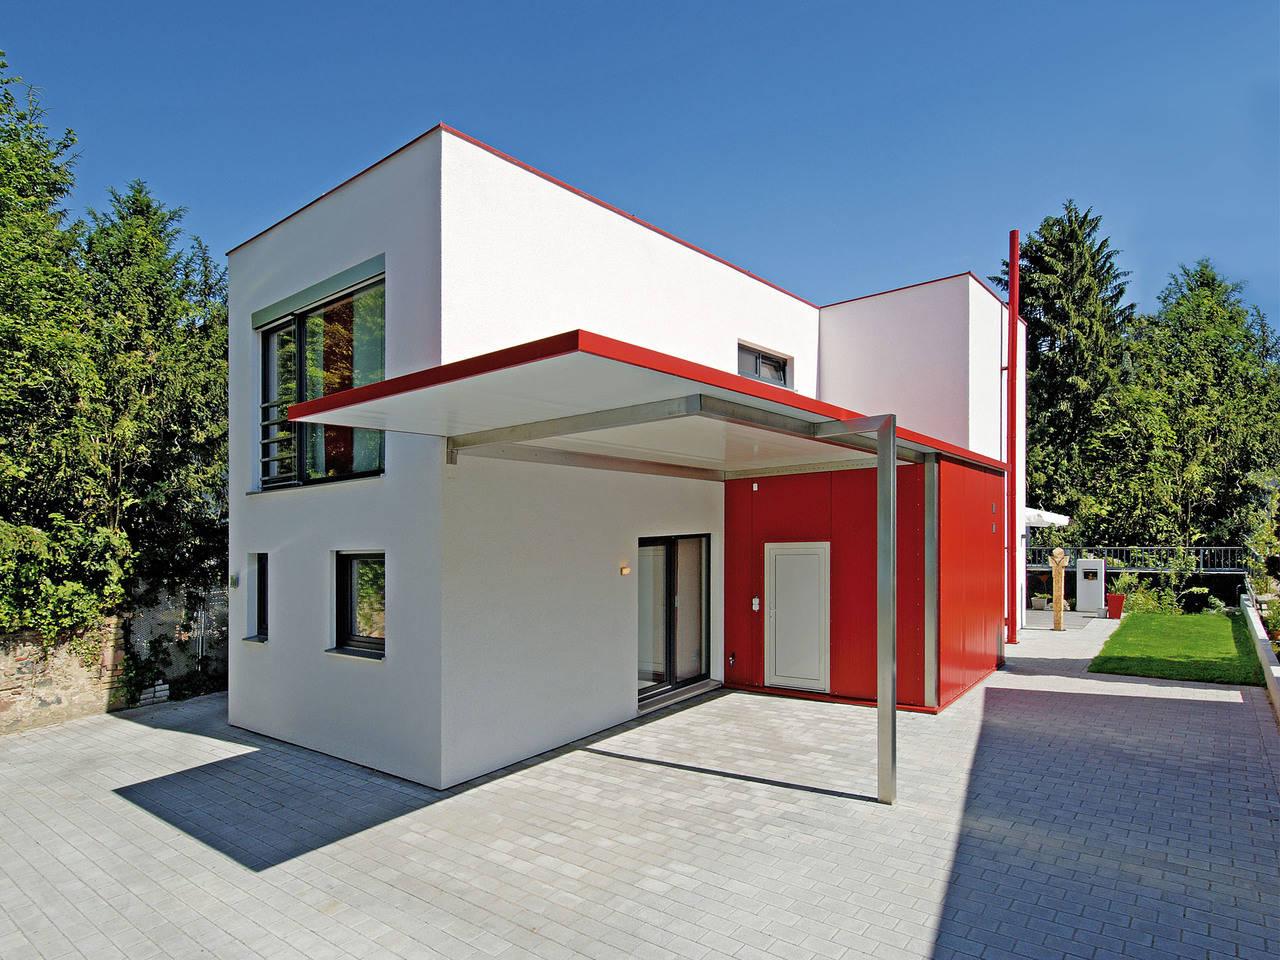 Haus Dorstewitz Fertighaus Weiss